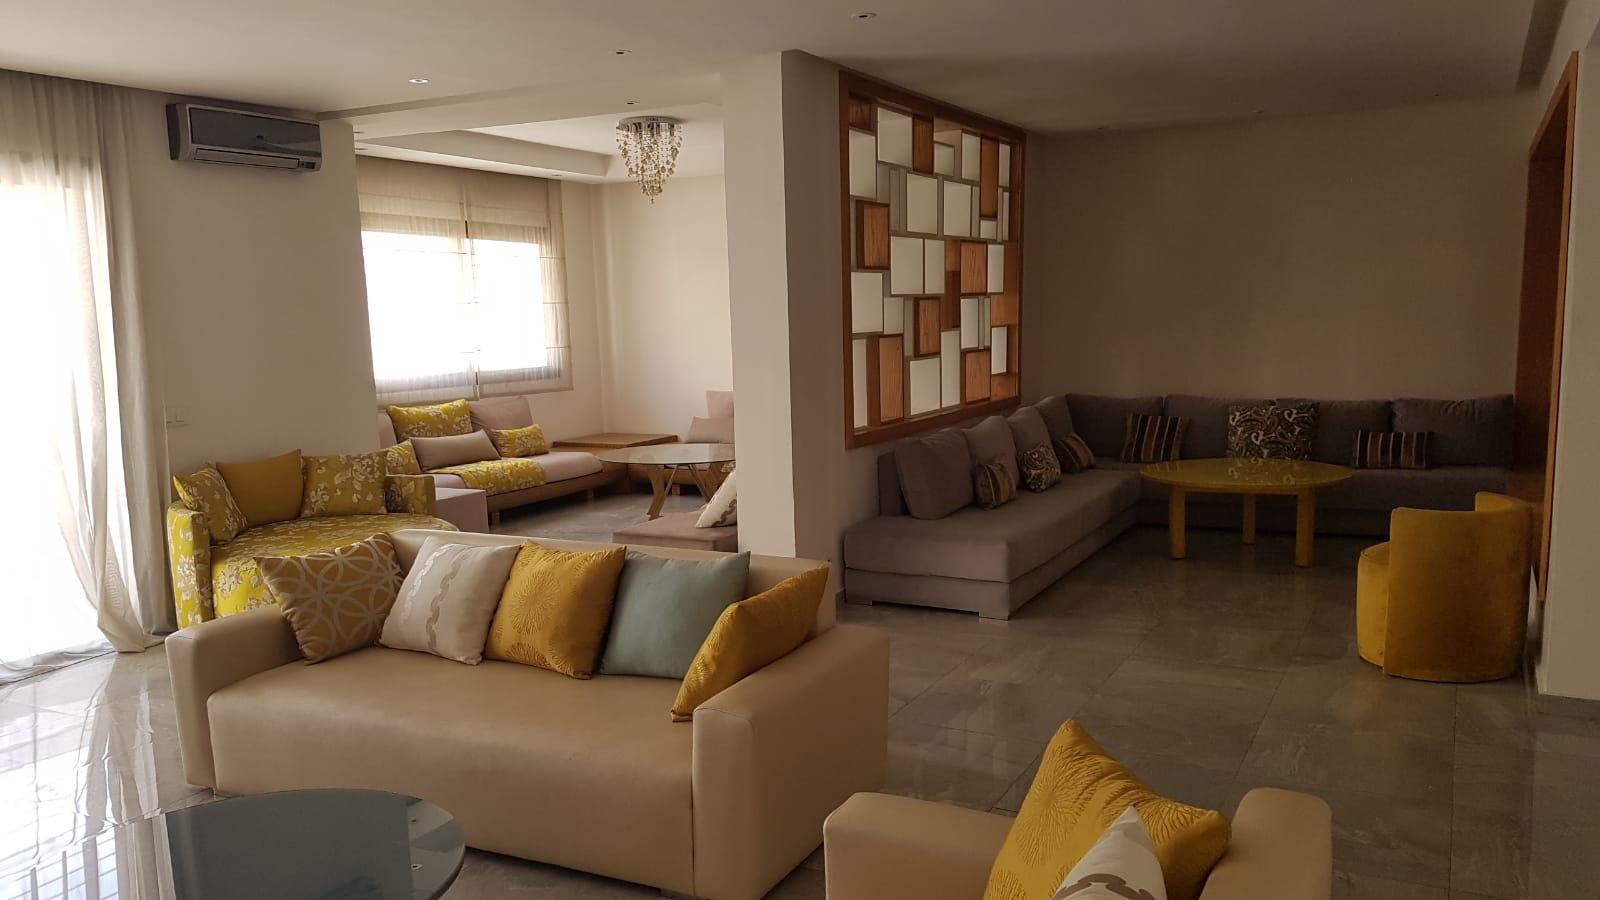 Splendide appartement meublé en location à Agdal